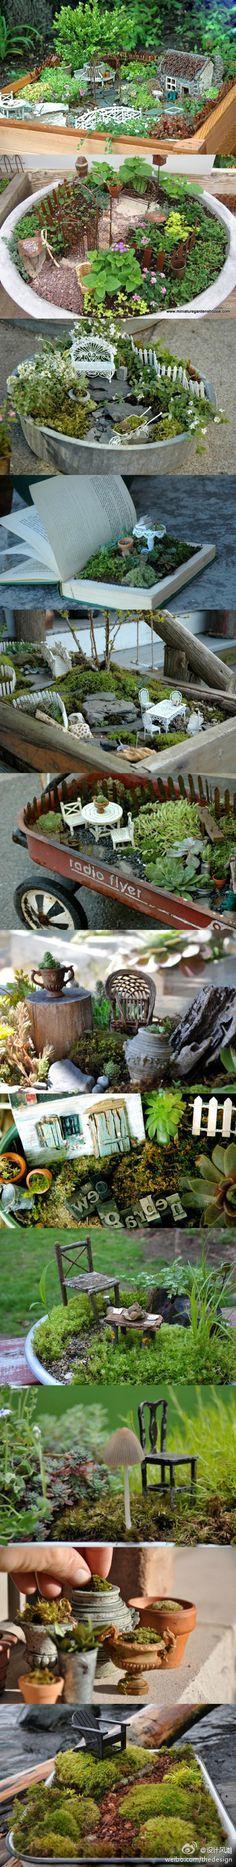 Miniature gardens tiny gardens, garden ideas, miniatur garden, fairi garden, miniature gardens, little gardens, fairy houses, mini gardens, miniature fairy gardens